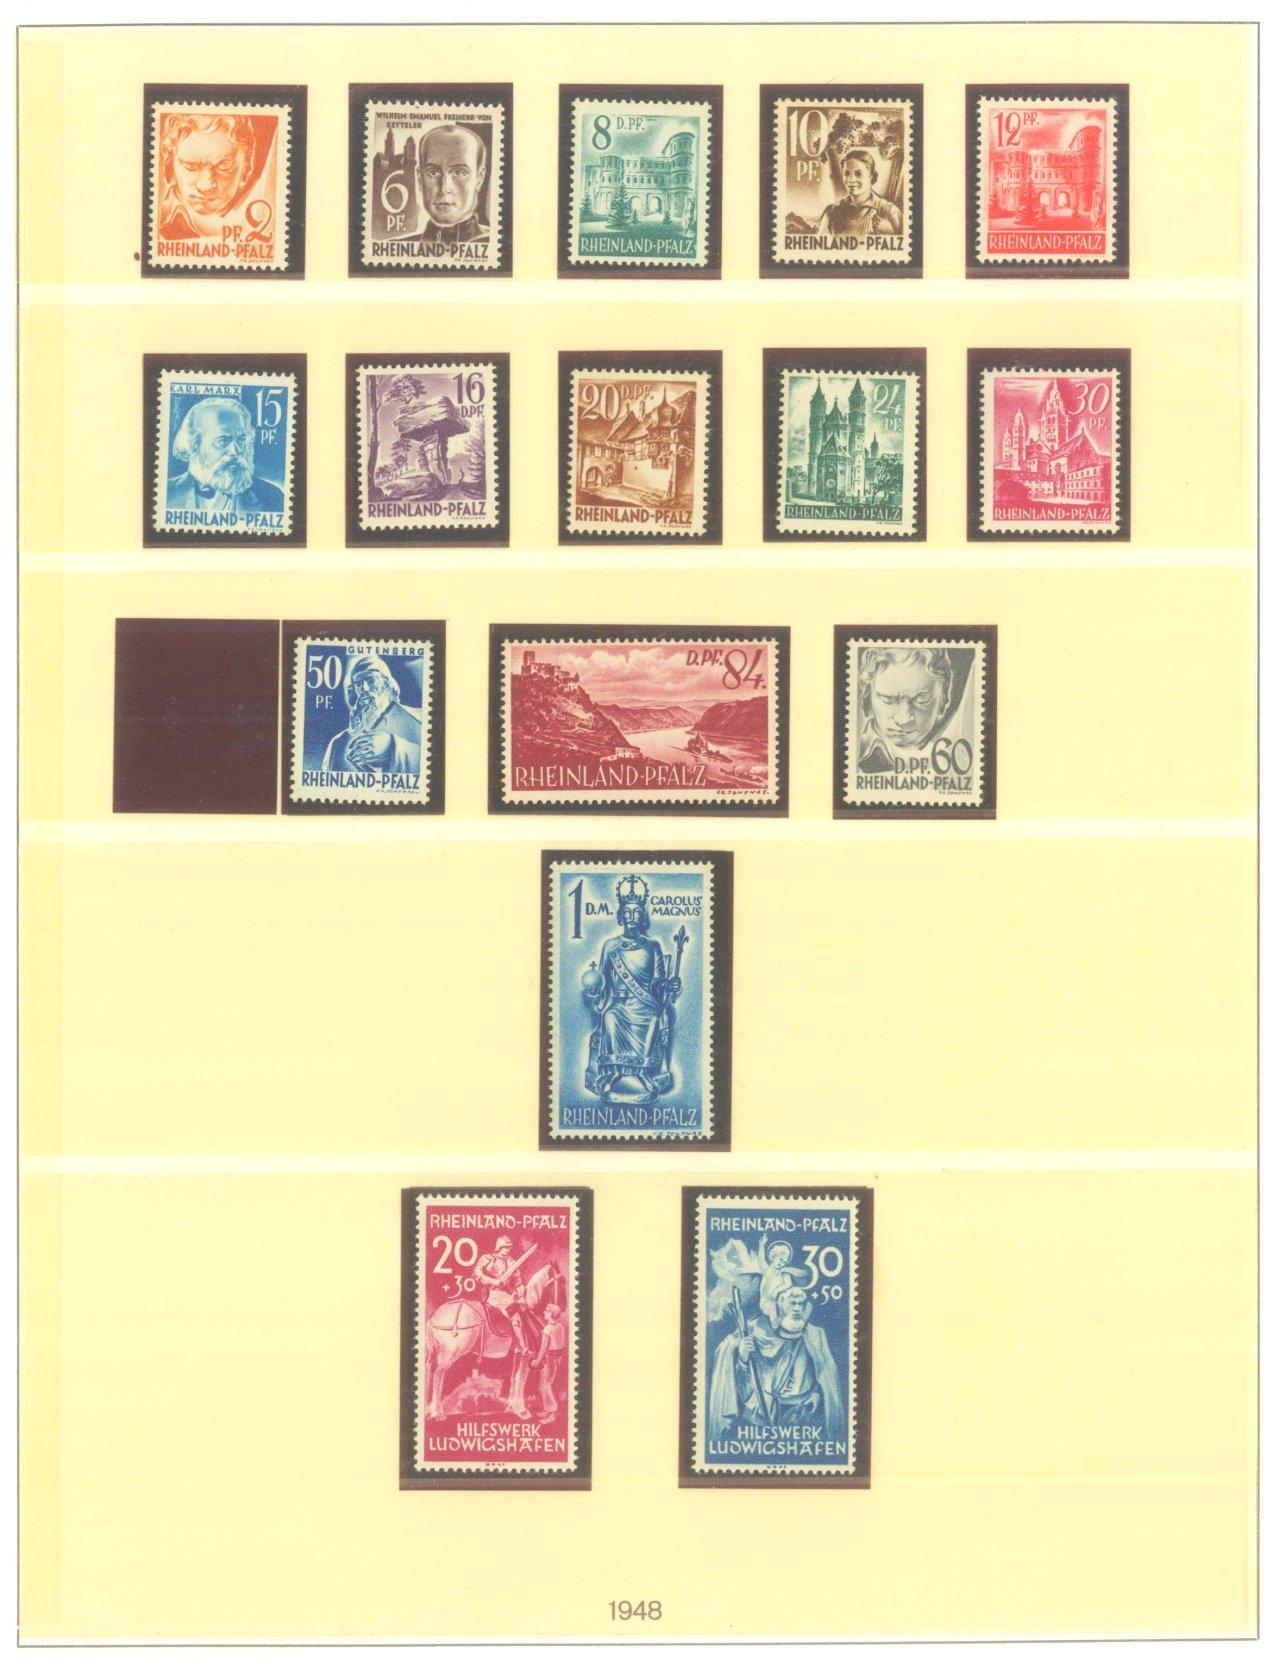 FRANZÖSISCHE ZONE RHEIN-PFALZ 1947-1949-1